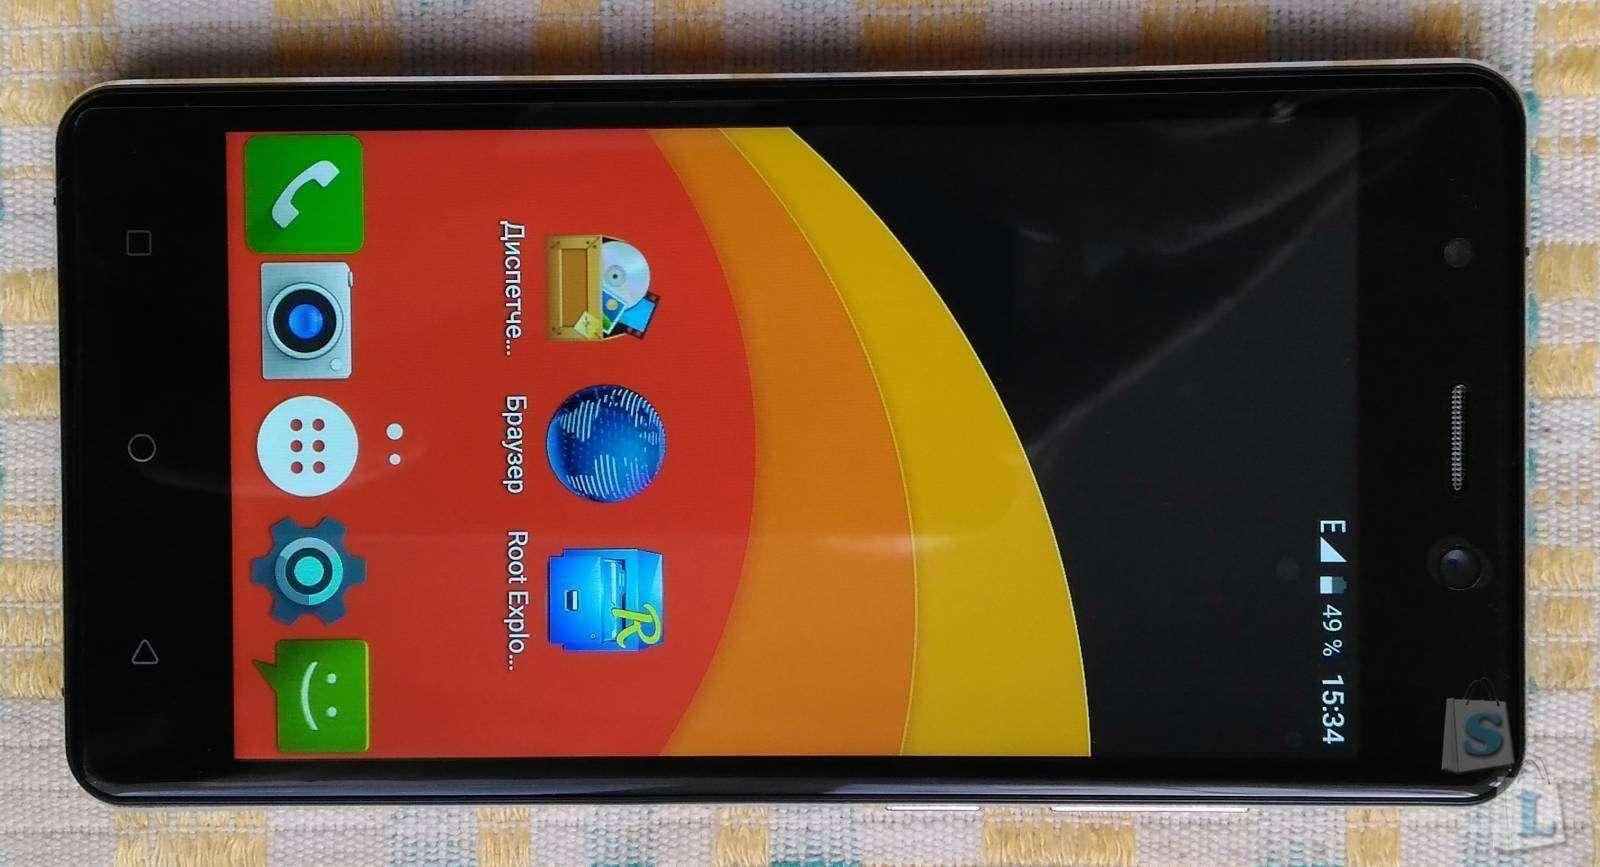 Aliexpress: Обзор недорогого смартфона Blackview A8. Его плюсы и минусы.